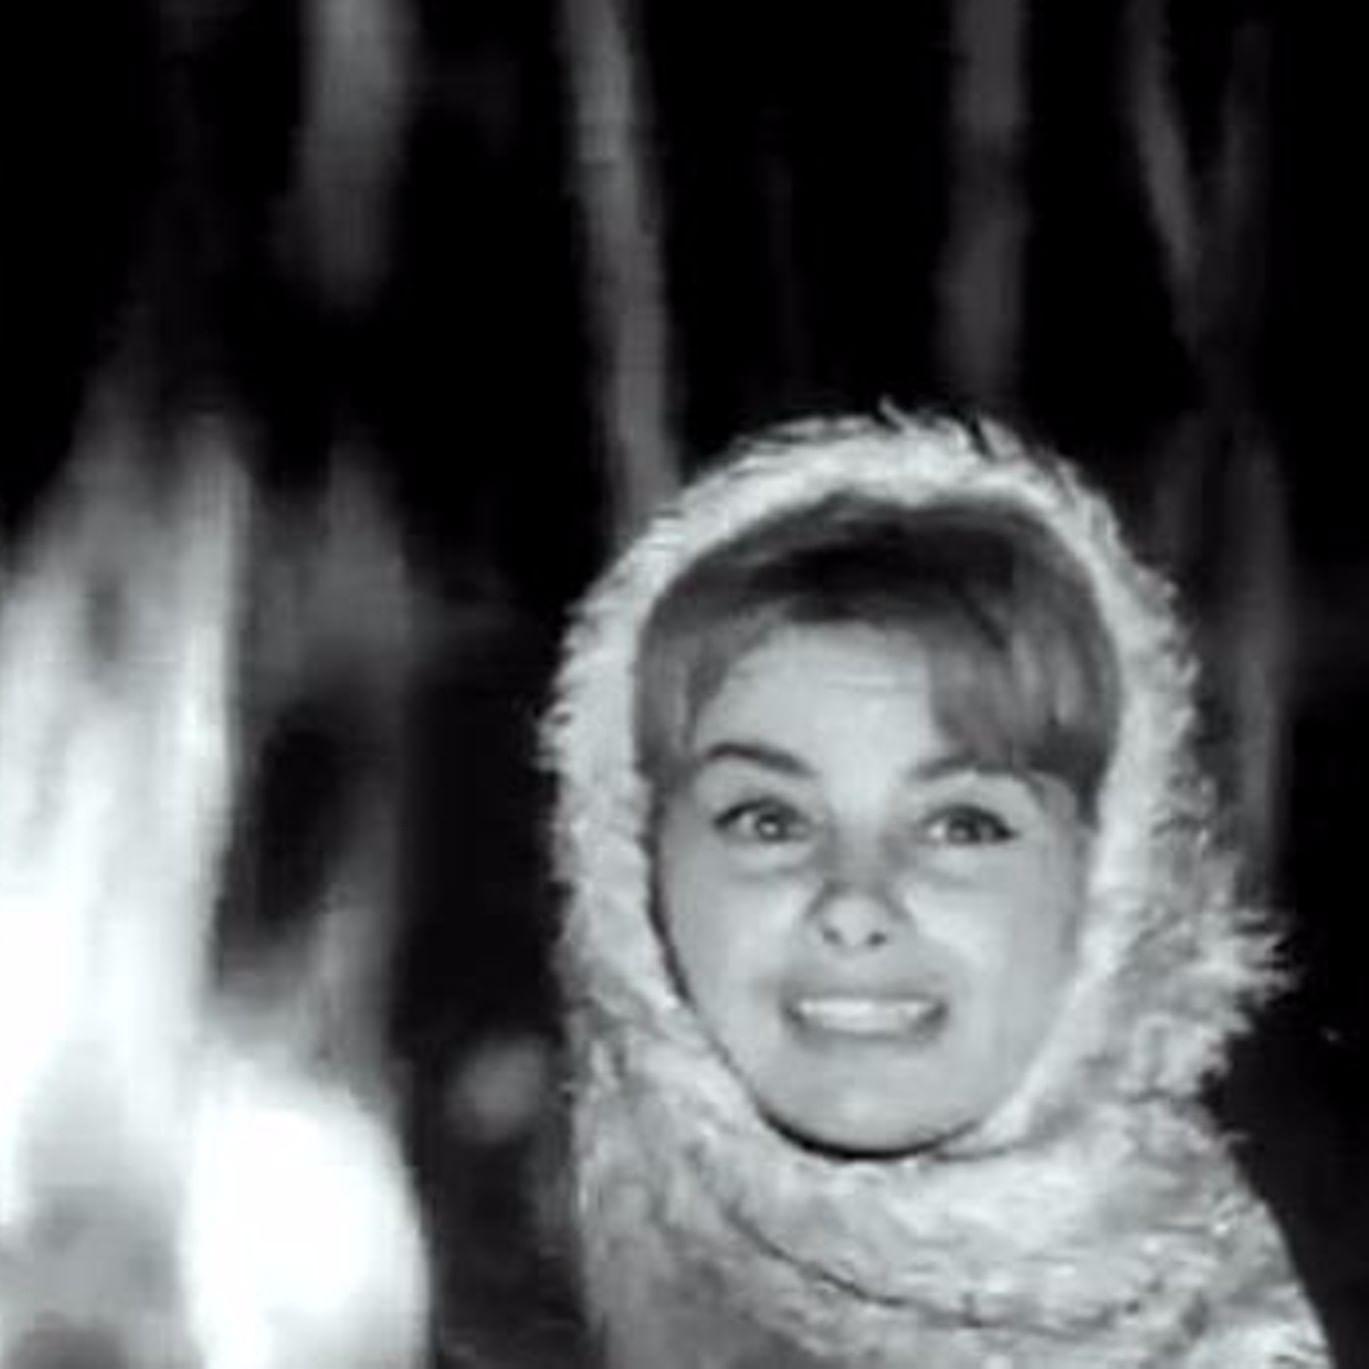 Кадр из фильма «Июльский дождь» (1966)